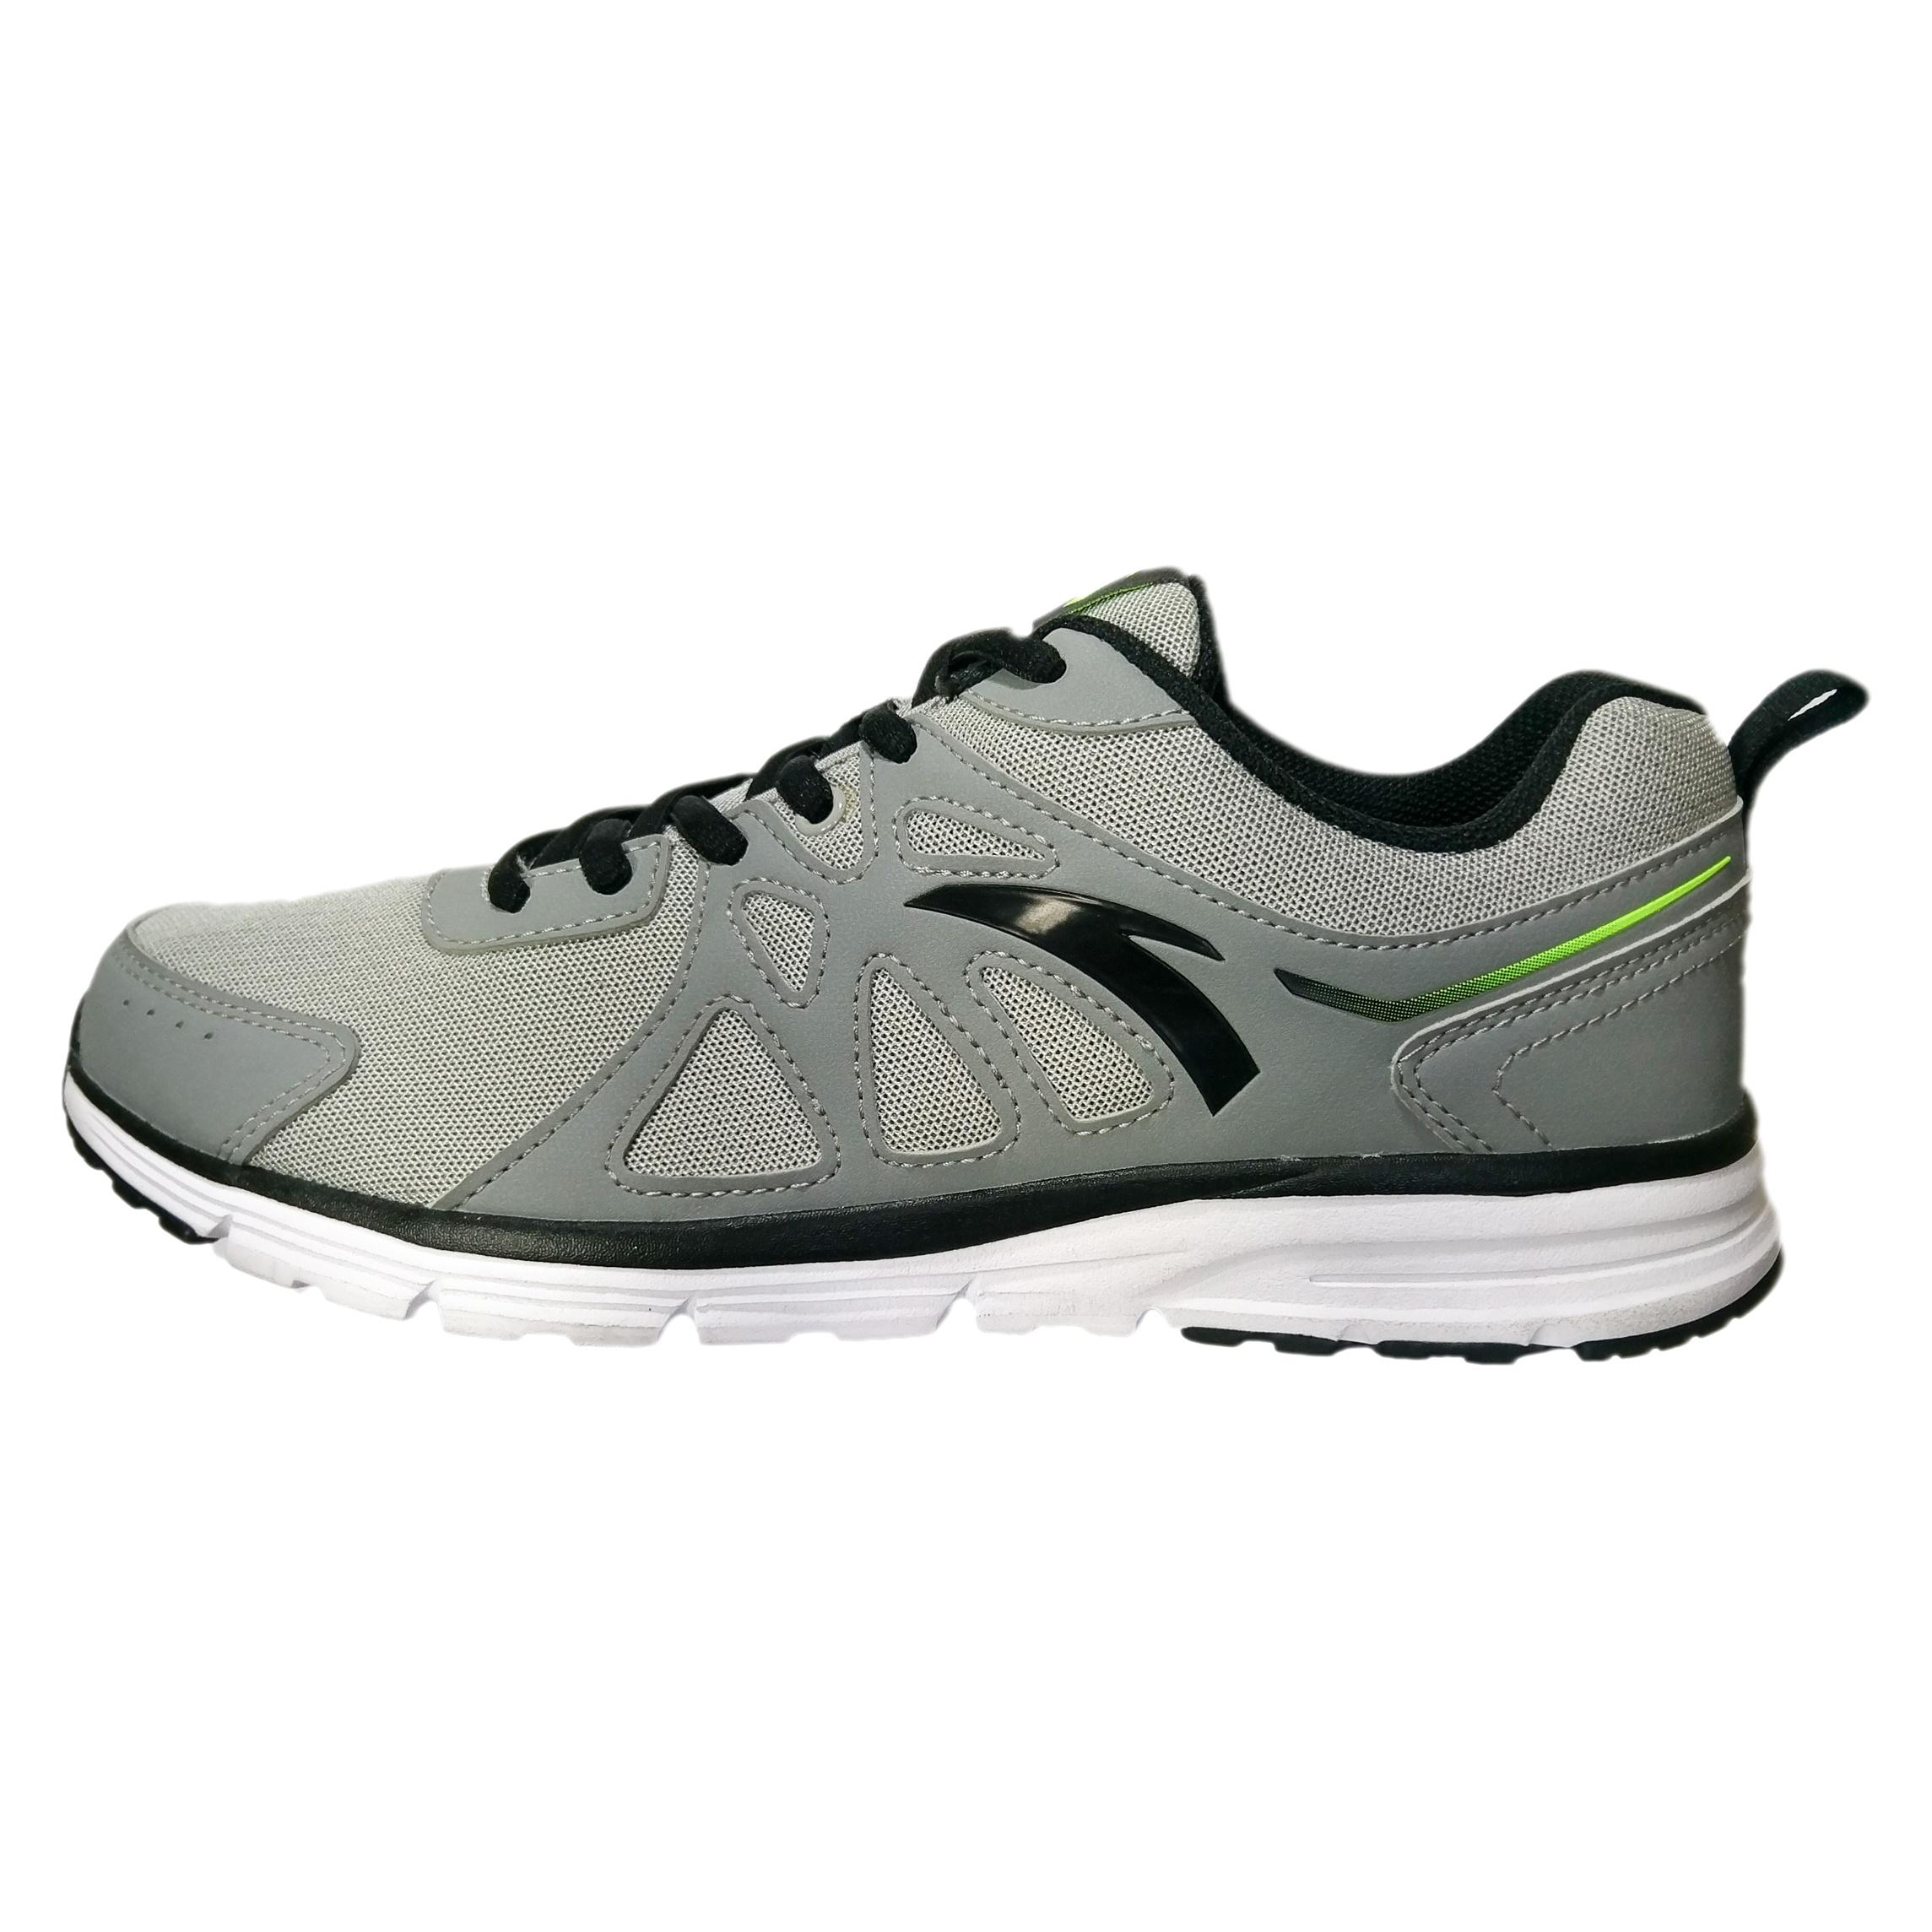 کفش مخصوص دویدن مردانه آنتا کد 81615580-4